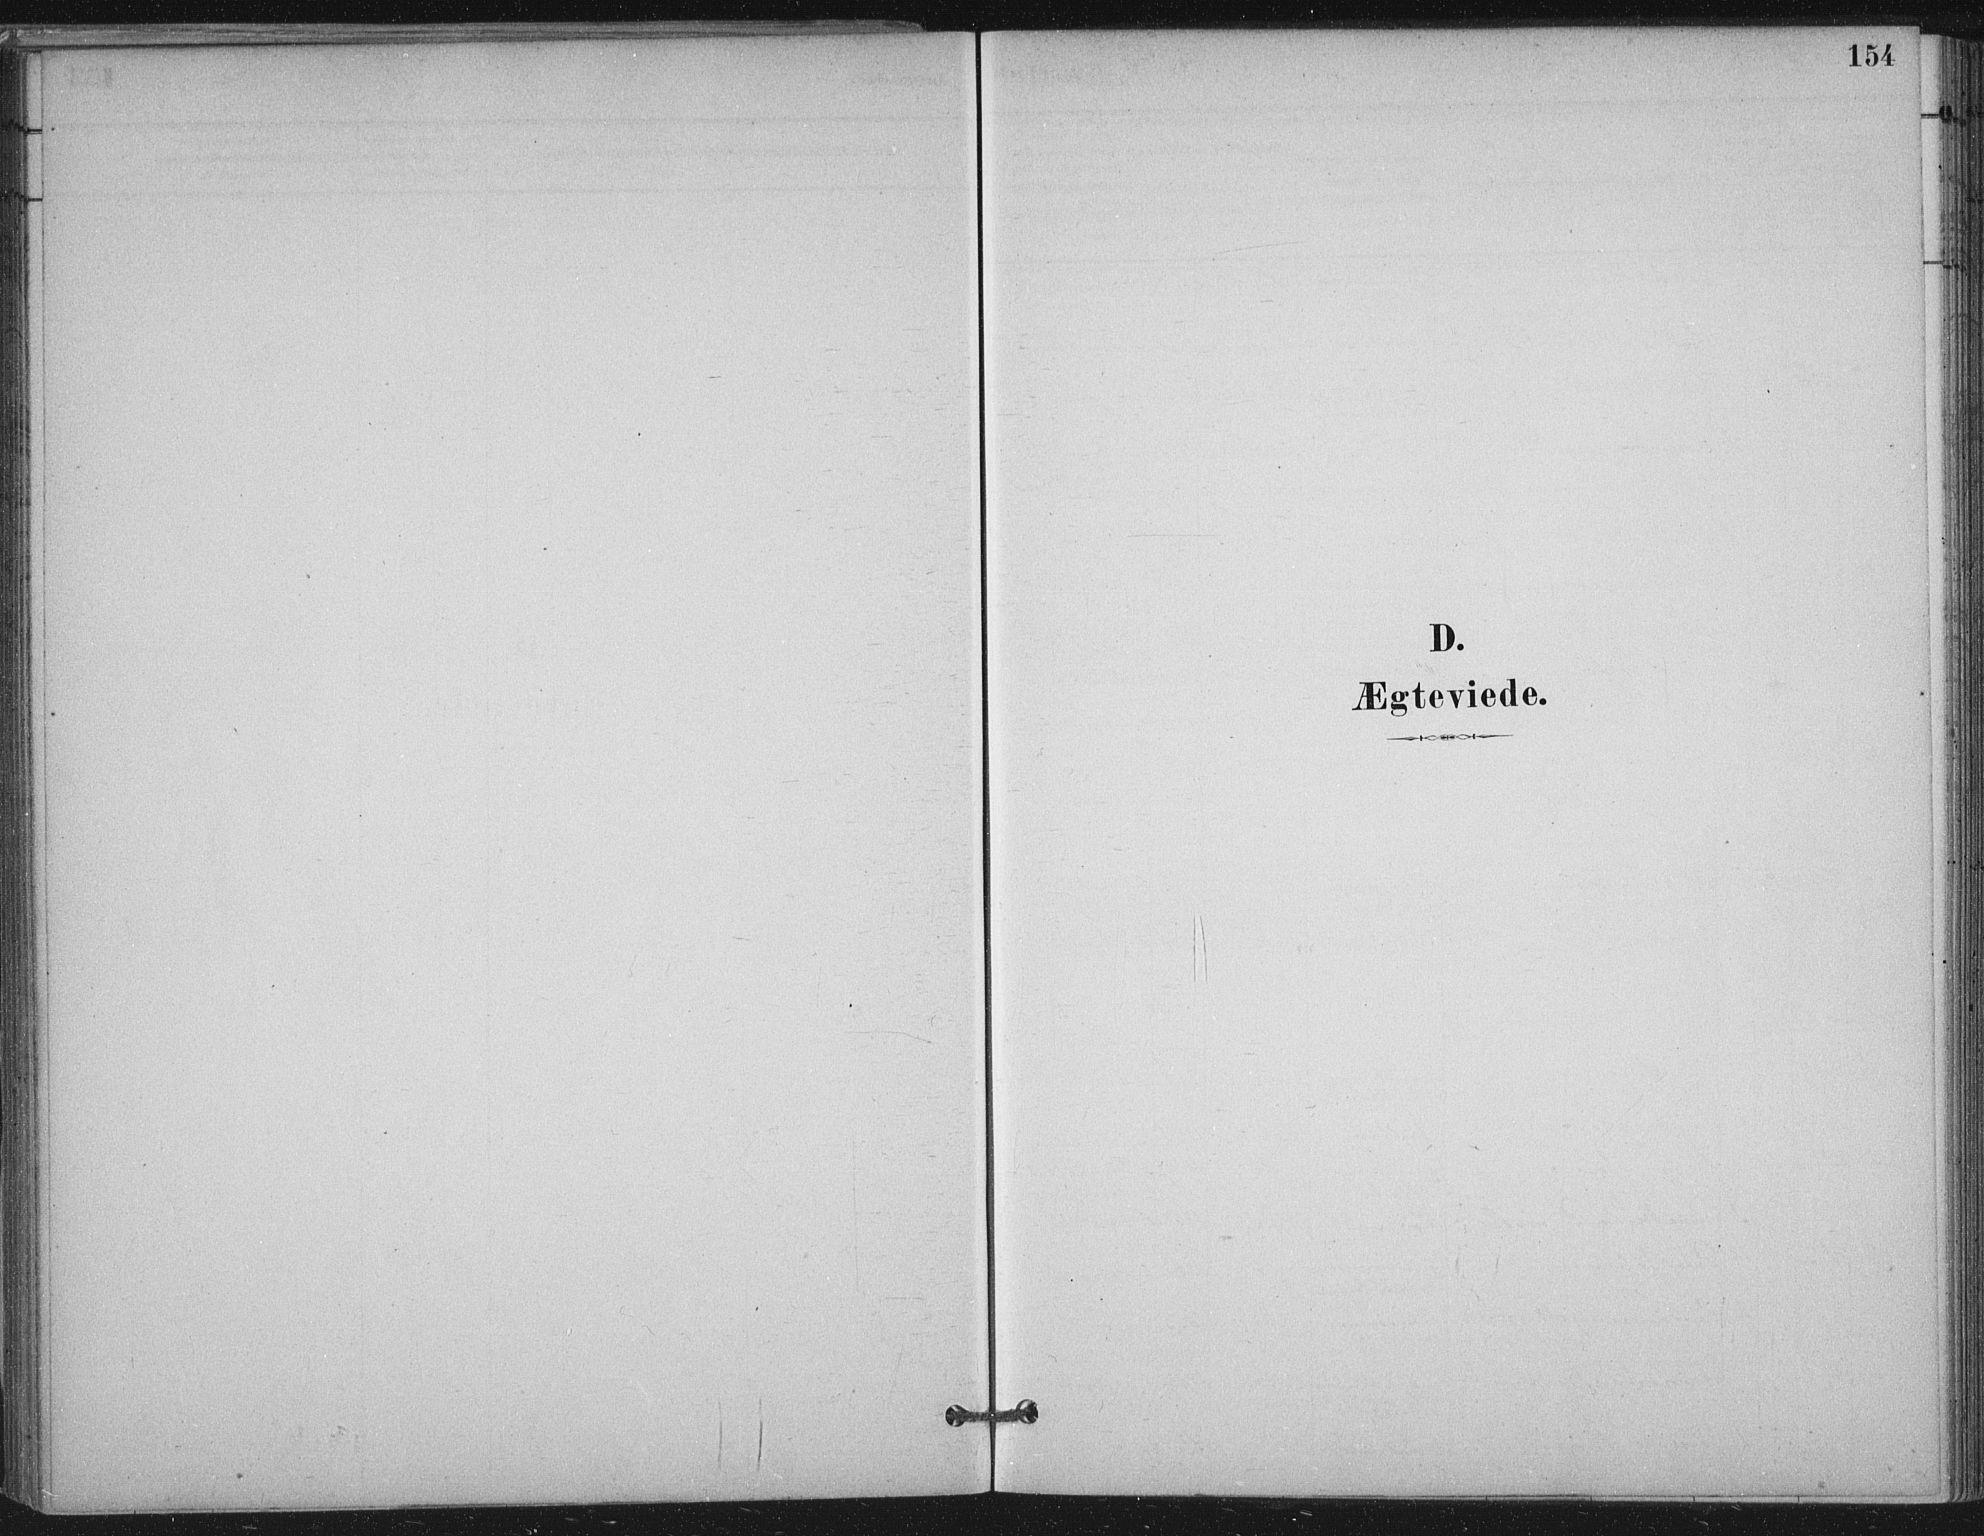 SAT, Ministerialprotokoller, klokkerbøker og fødselsregistre - Nord-Trøndelag, 710/L0095: Ministerialbok nr. 710A01, 1880-1914, s. 154